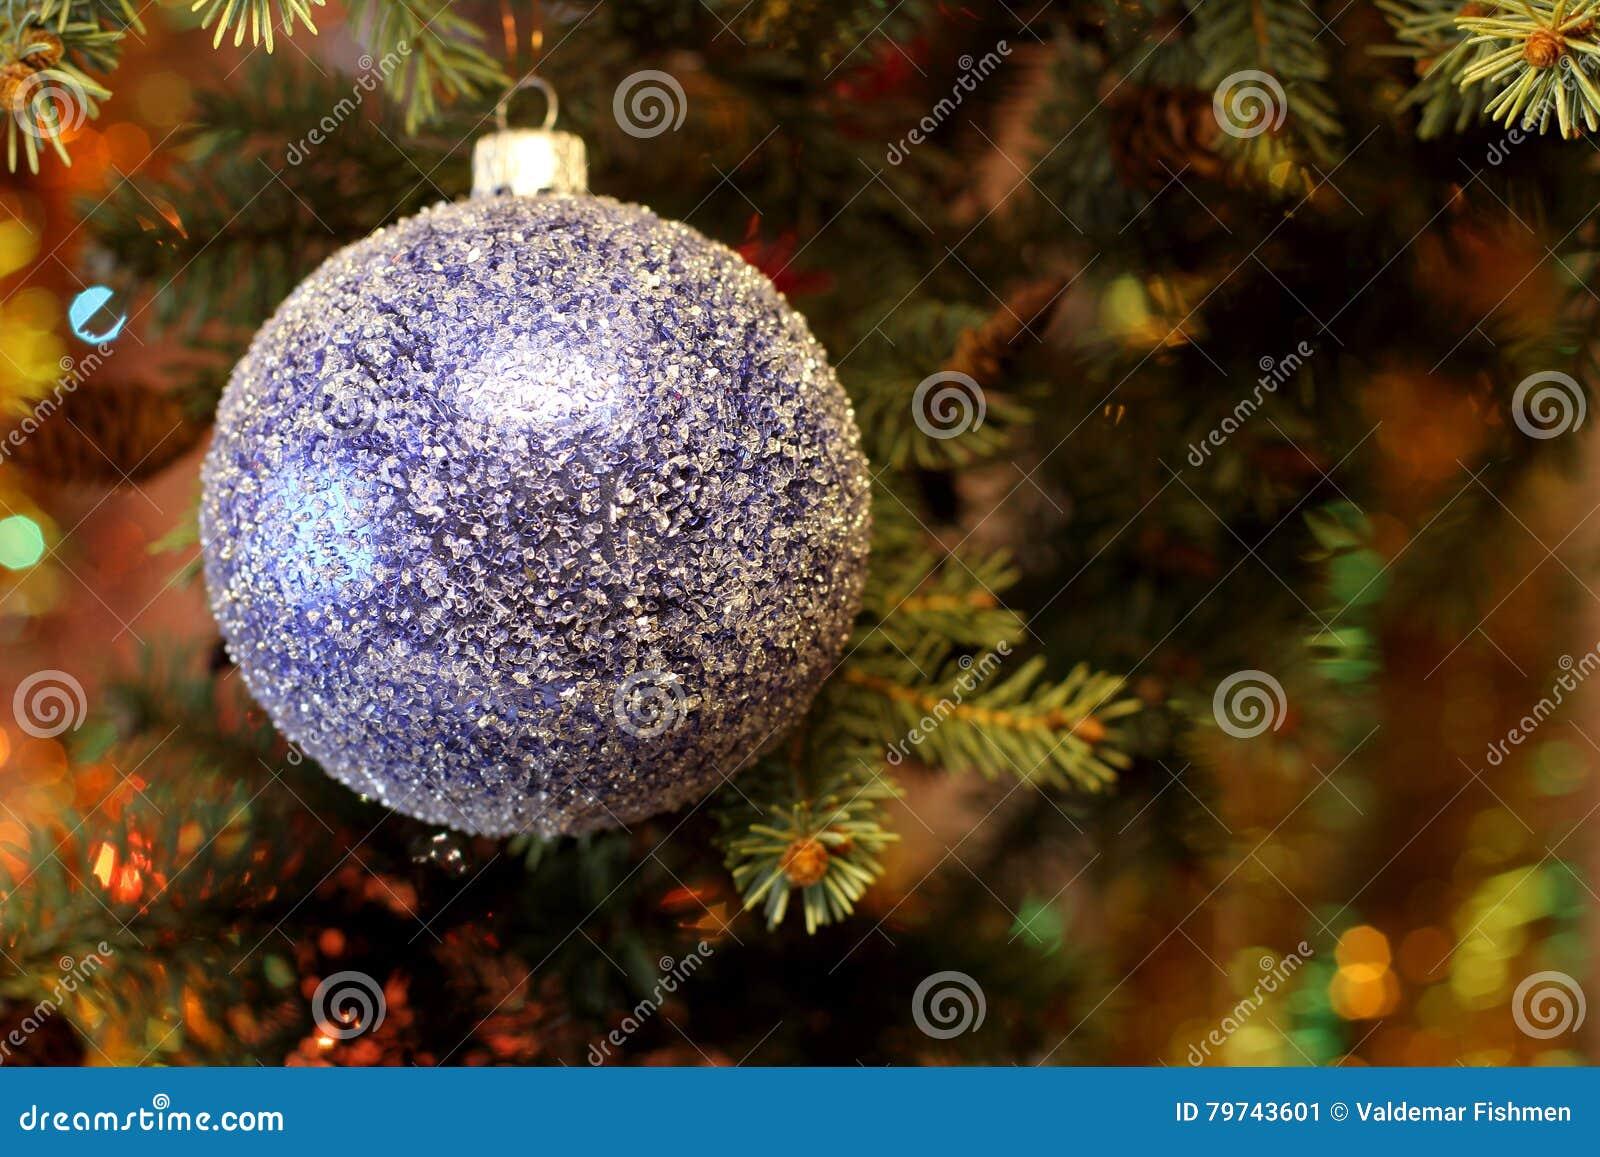 Imagen hermosa de la Navidad con el árbol de navidad y la bola